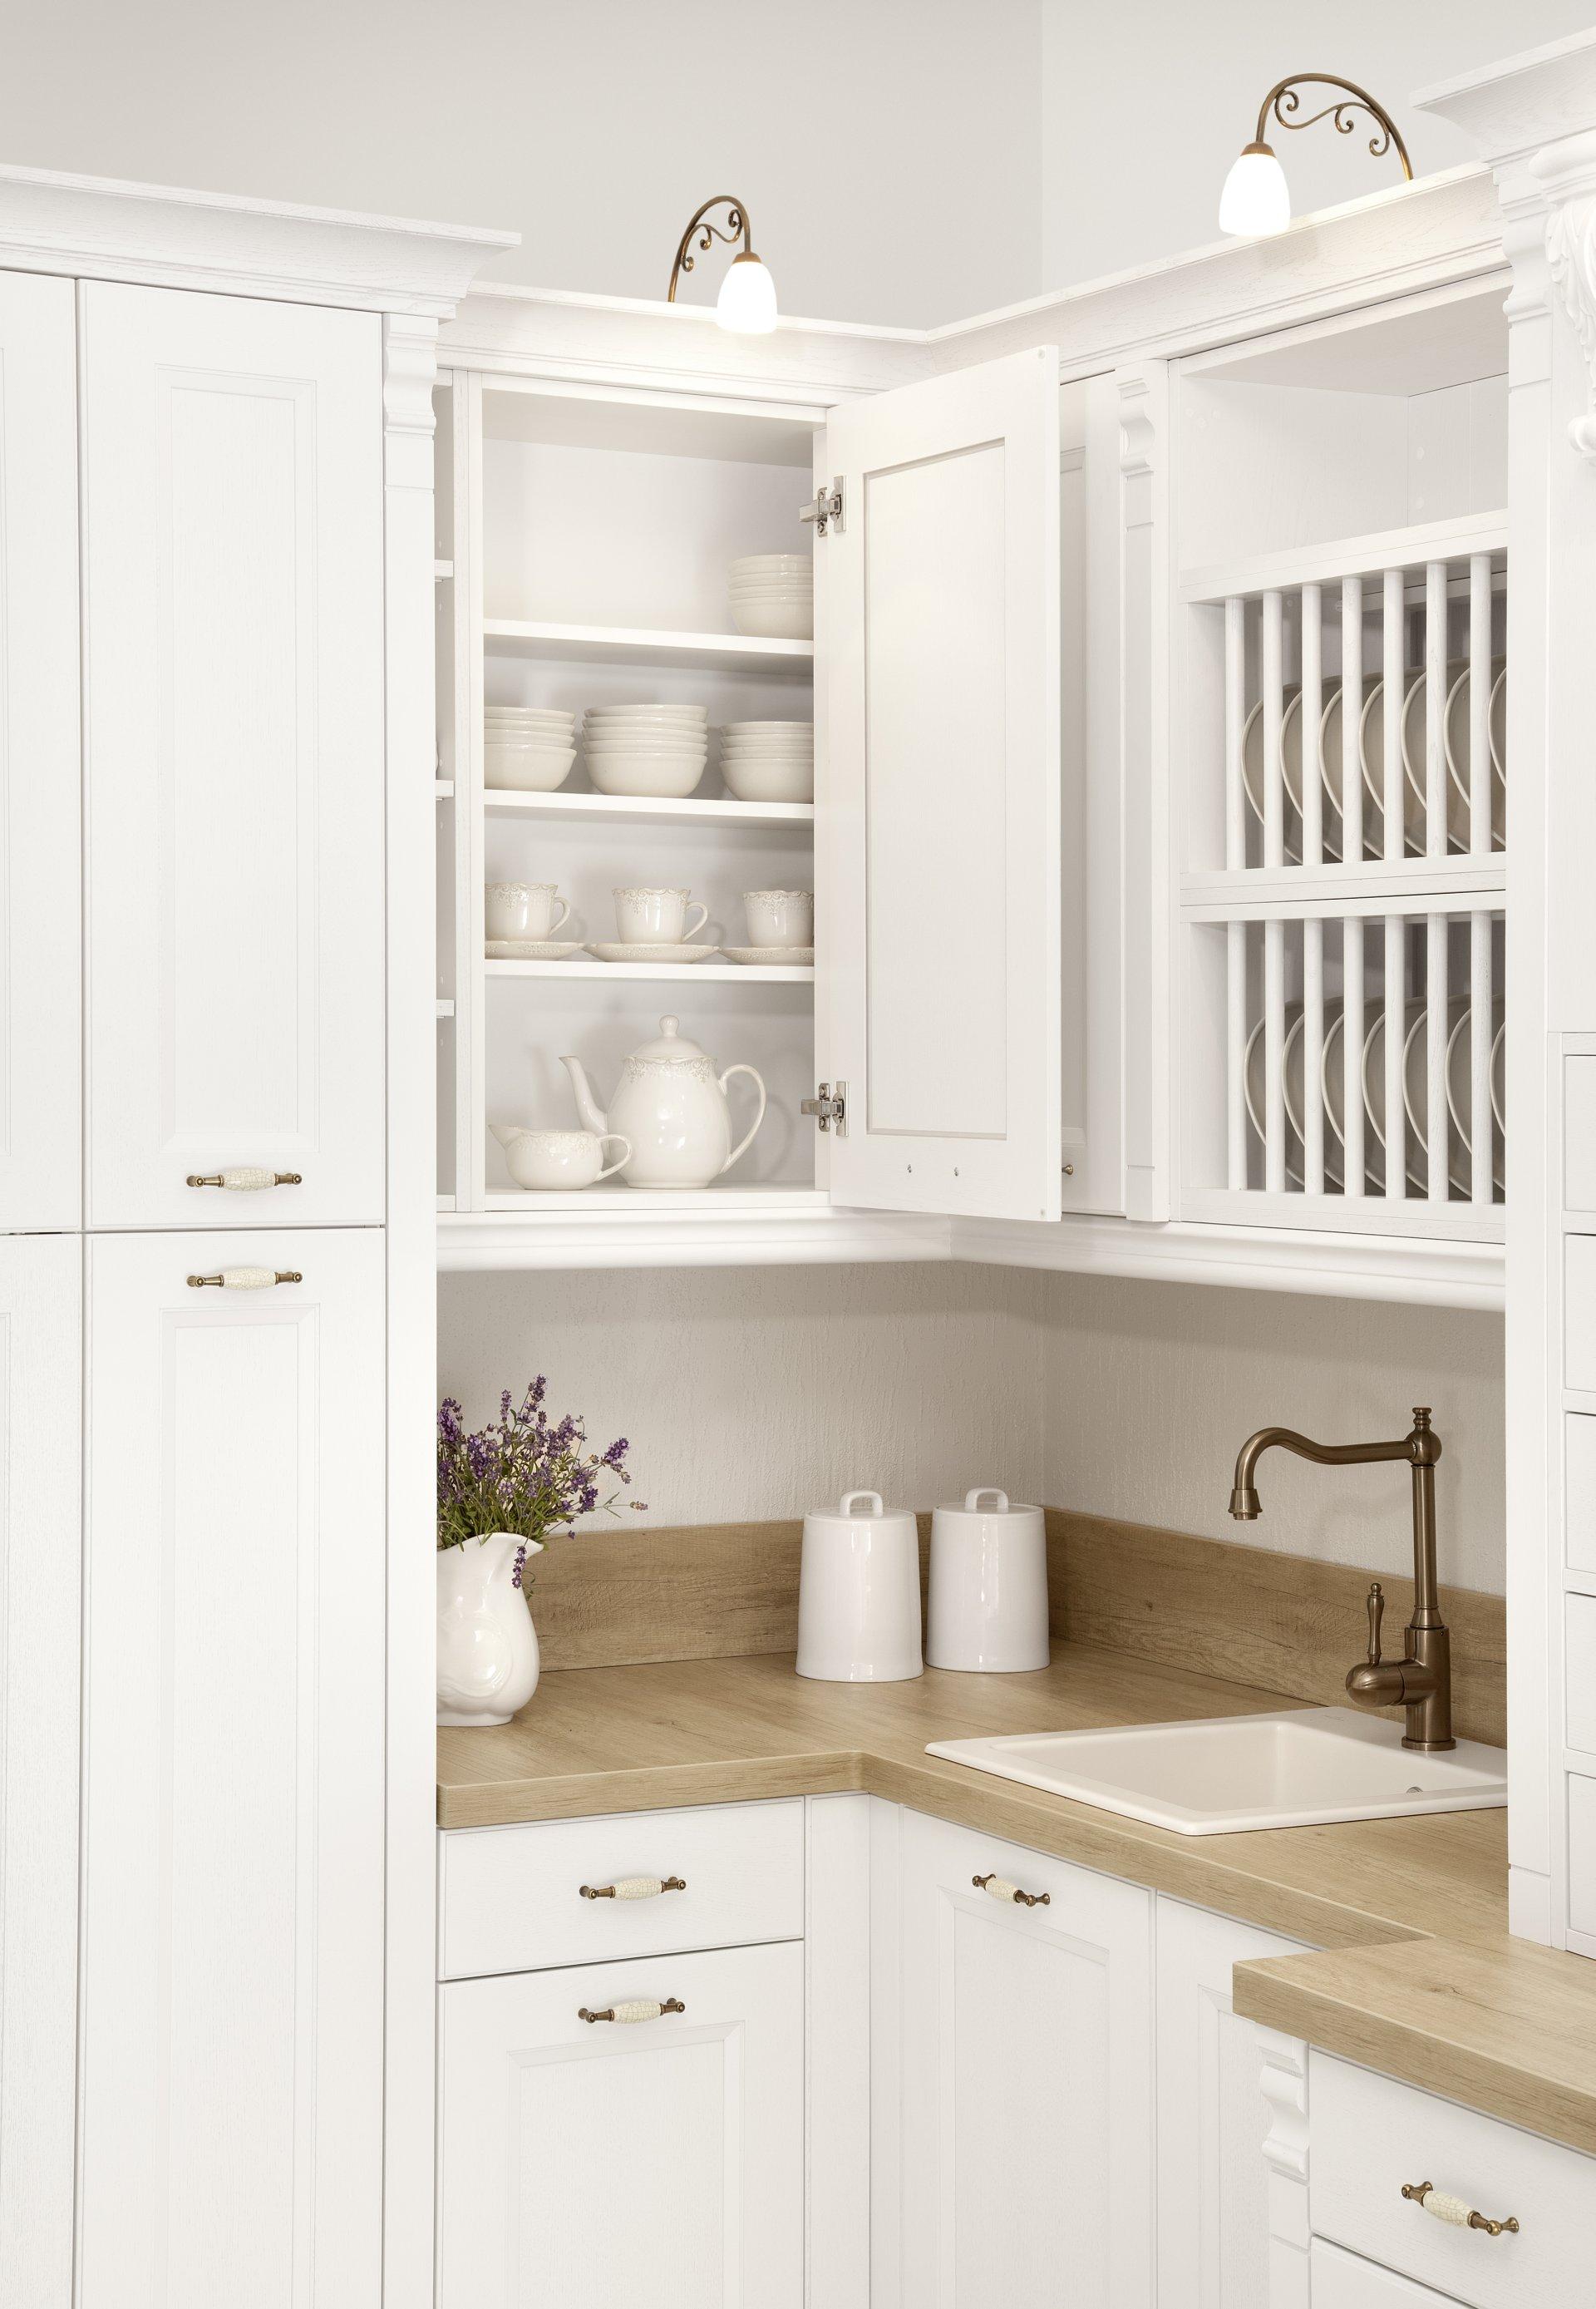 Kuchnia klasyczna VILLA II dąb biały nawiązuje do barokowej stylistyki pełnej gustownych ozdób i dodatków, za fasadą ukrywając funkcjonalne wyposażenie kuchenne - WFM KUCHNIE Kraków